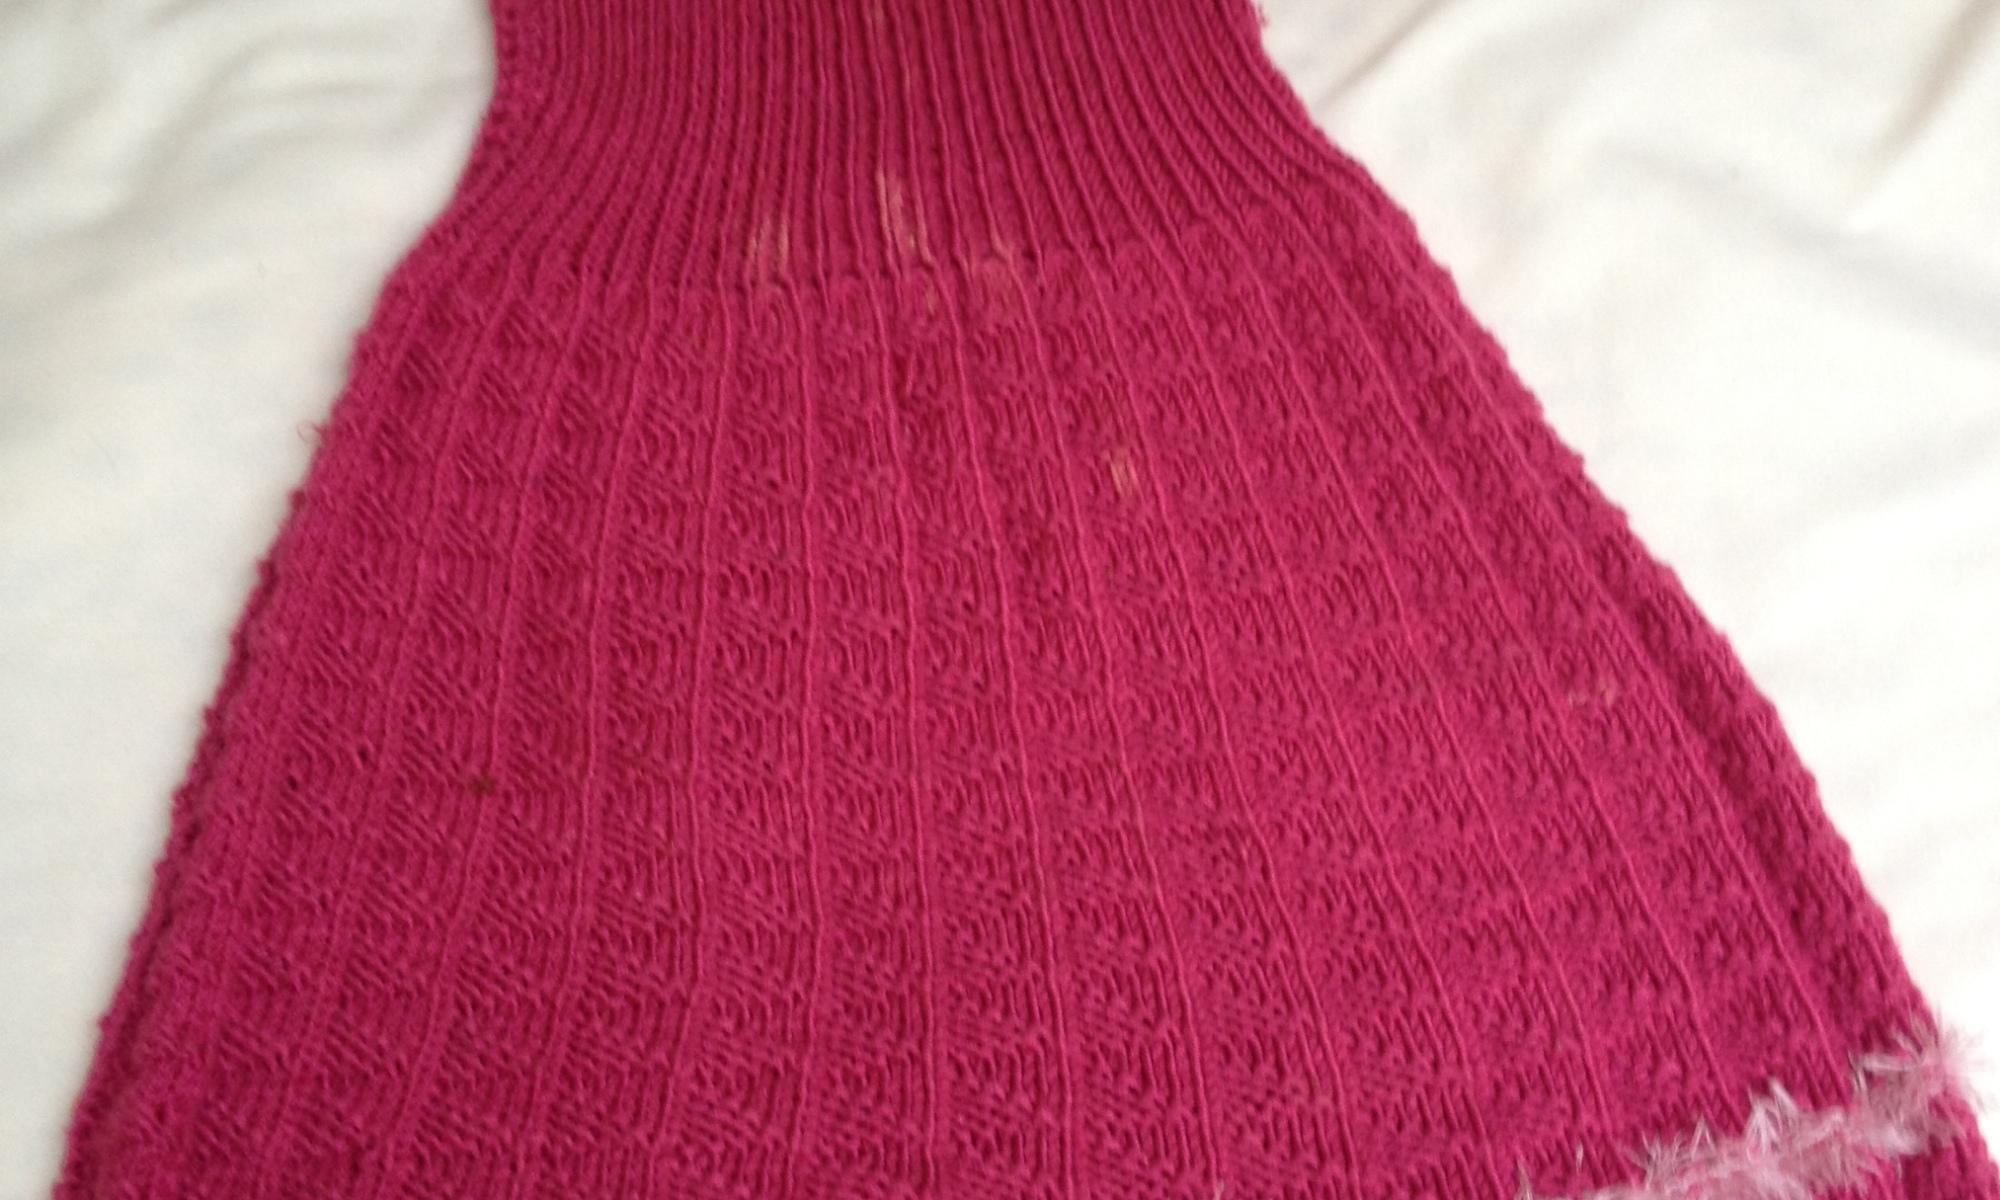 Ärmelloses Strickkleid mit V-Ausschnitt, dass mit Fransengarn verziert ist. Die untere Kleidhälfte besteht aus Messerspitzenmuster und 2 Streifen Fransengarn.